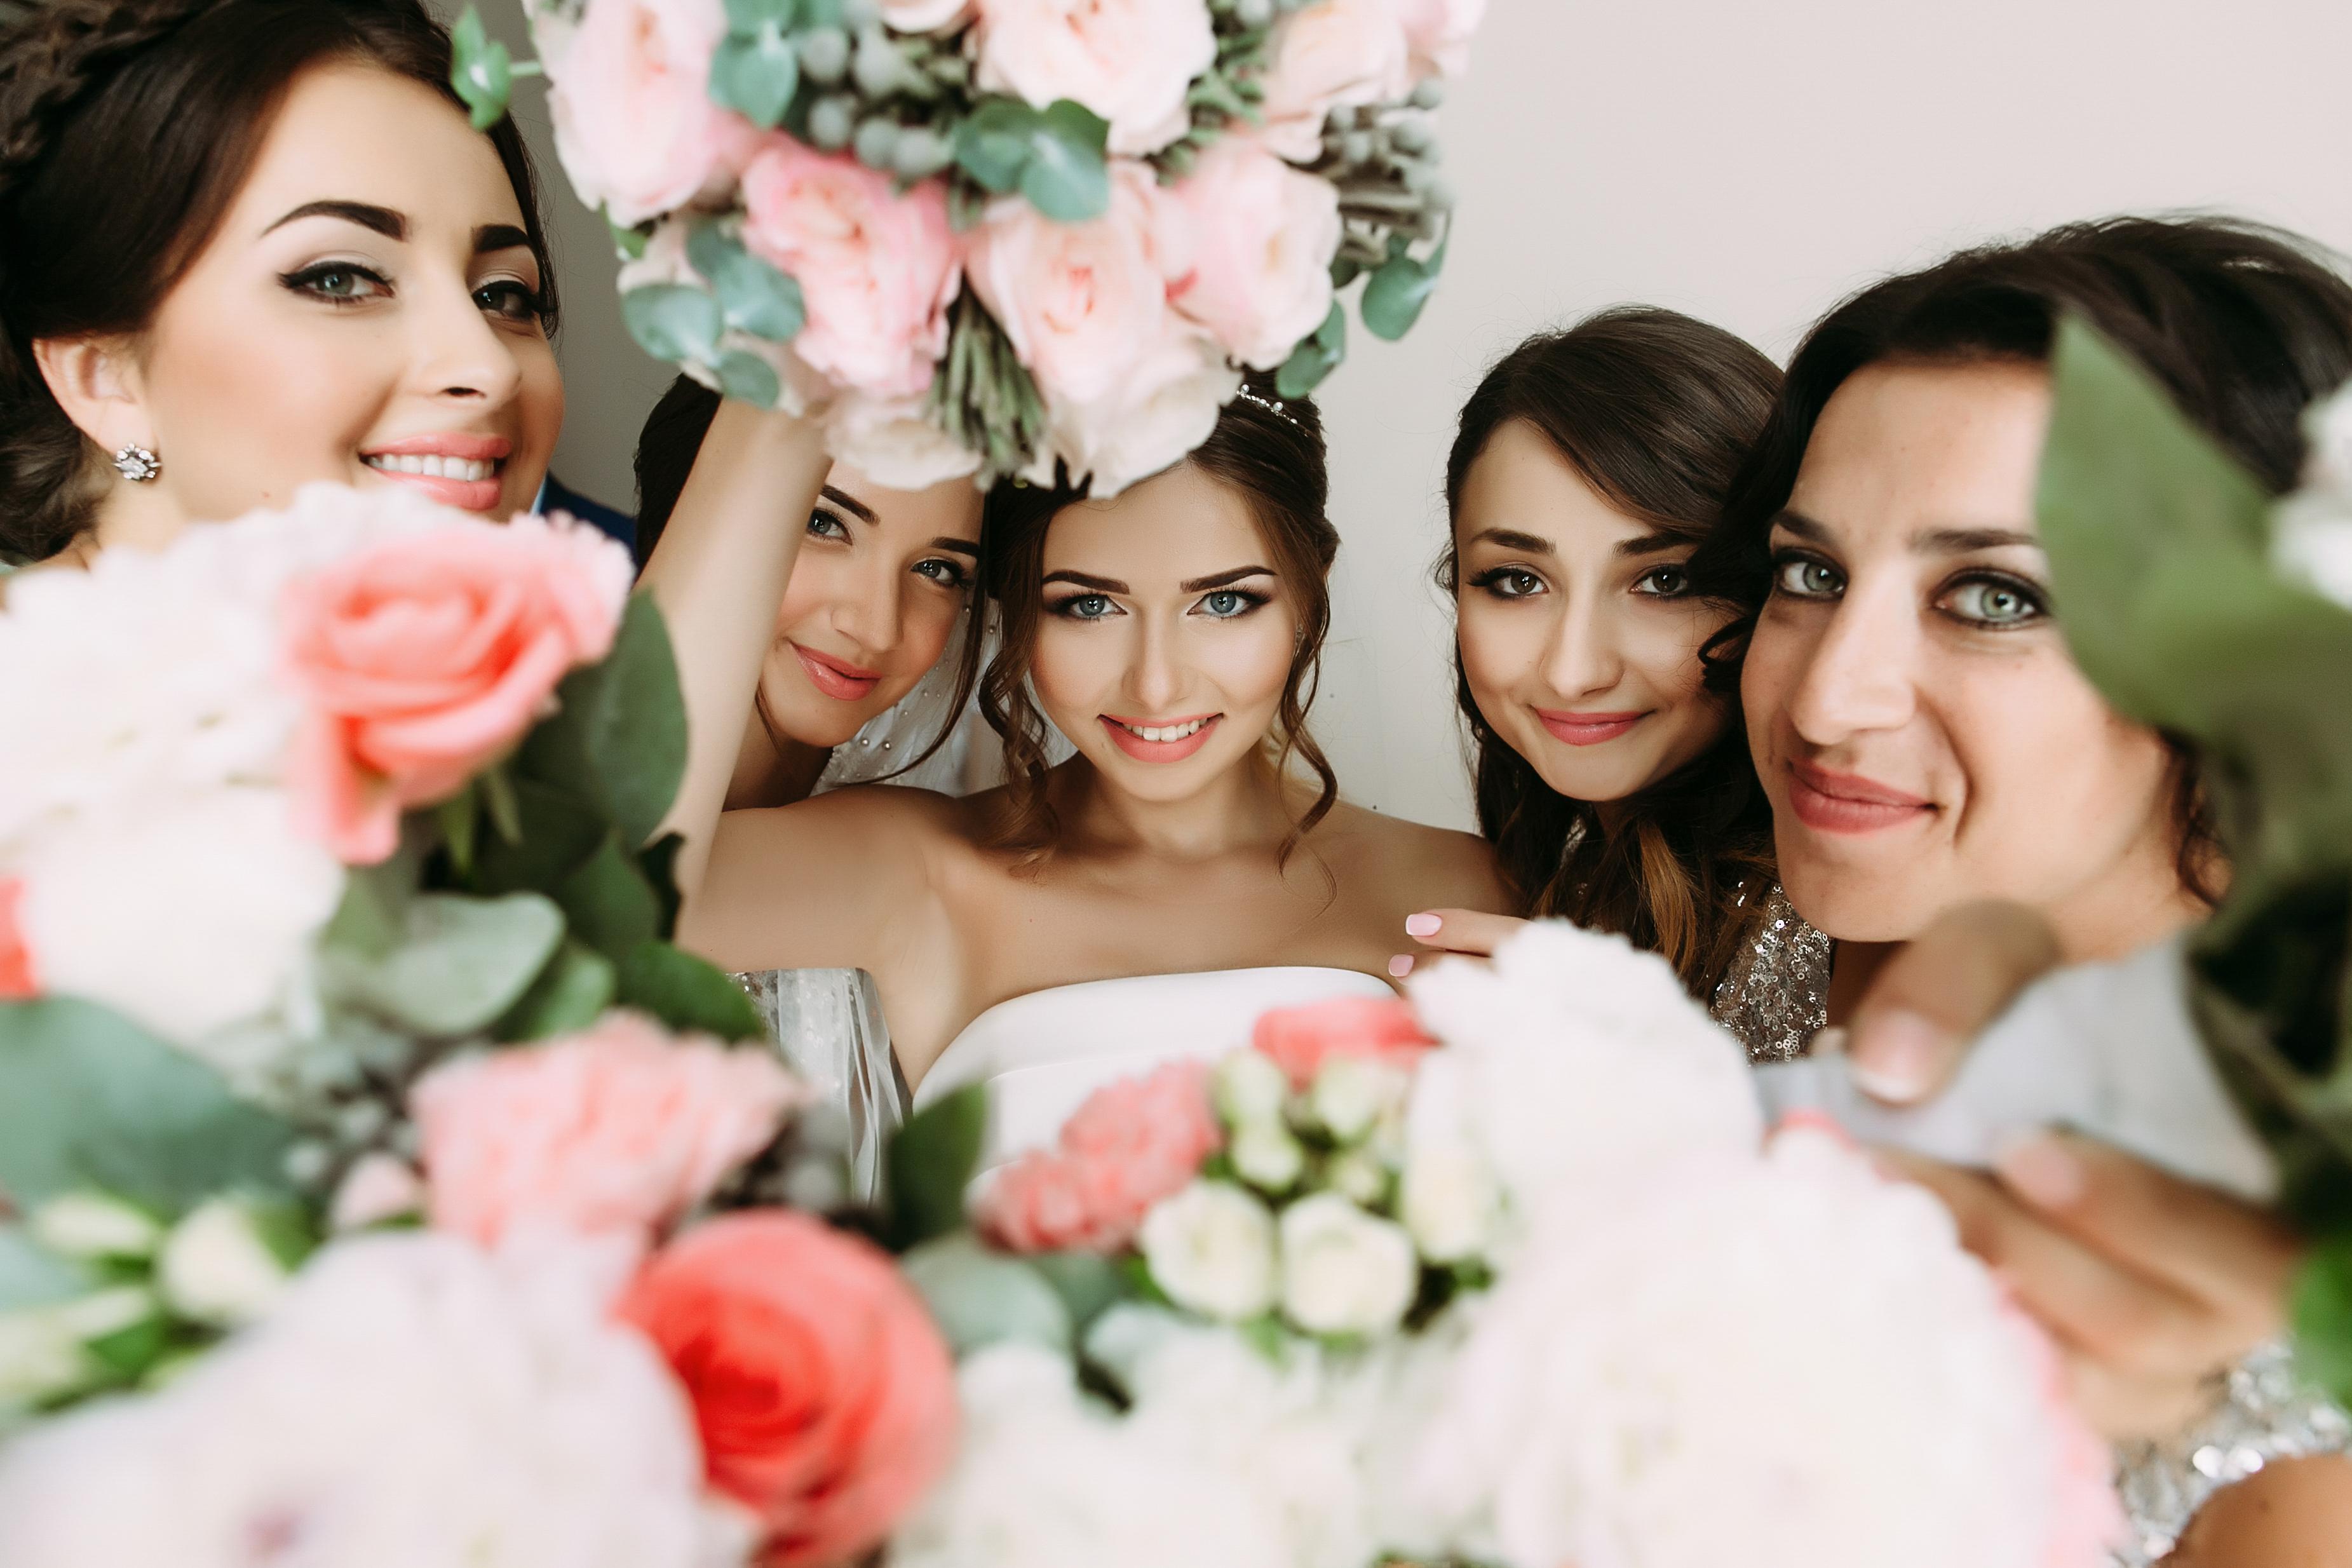 Coafuri nunta